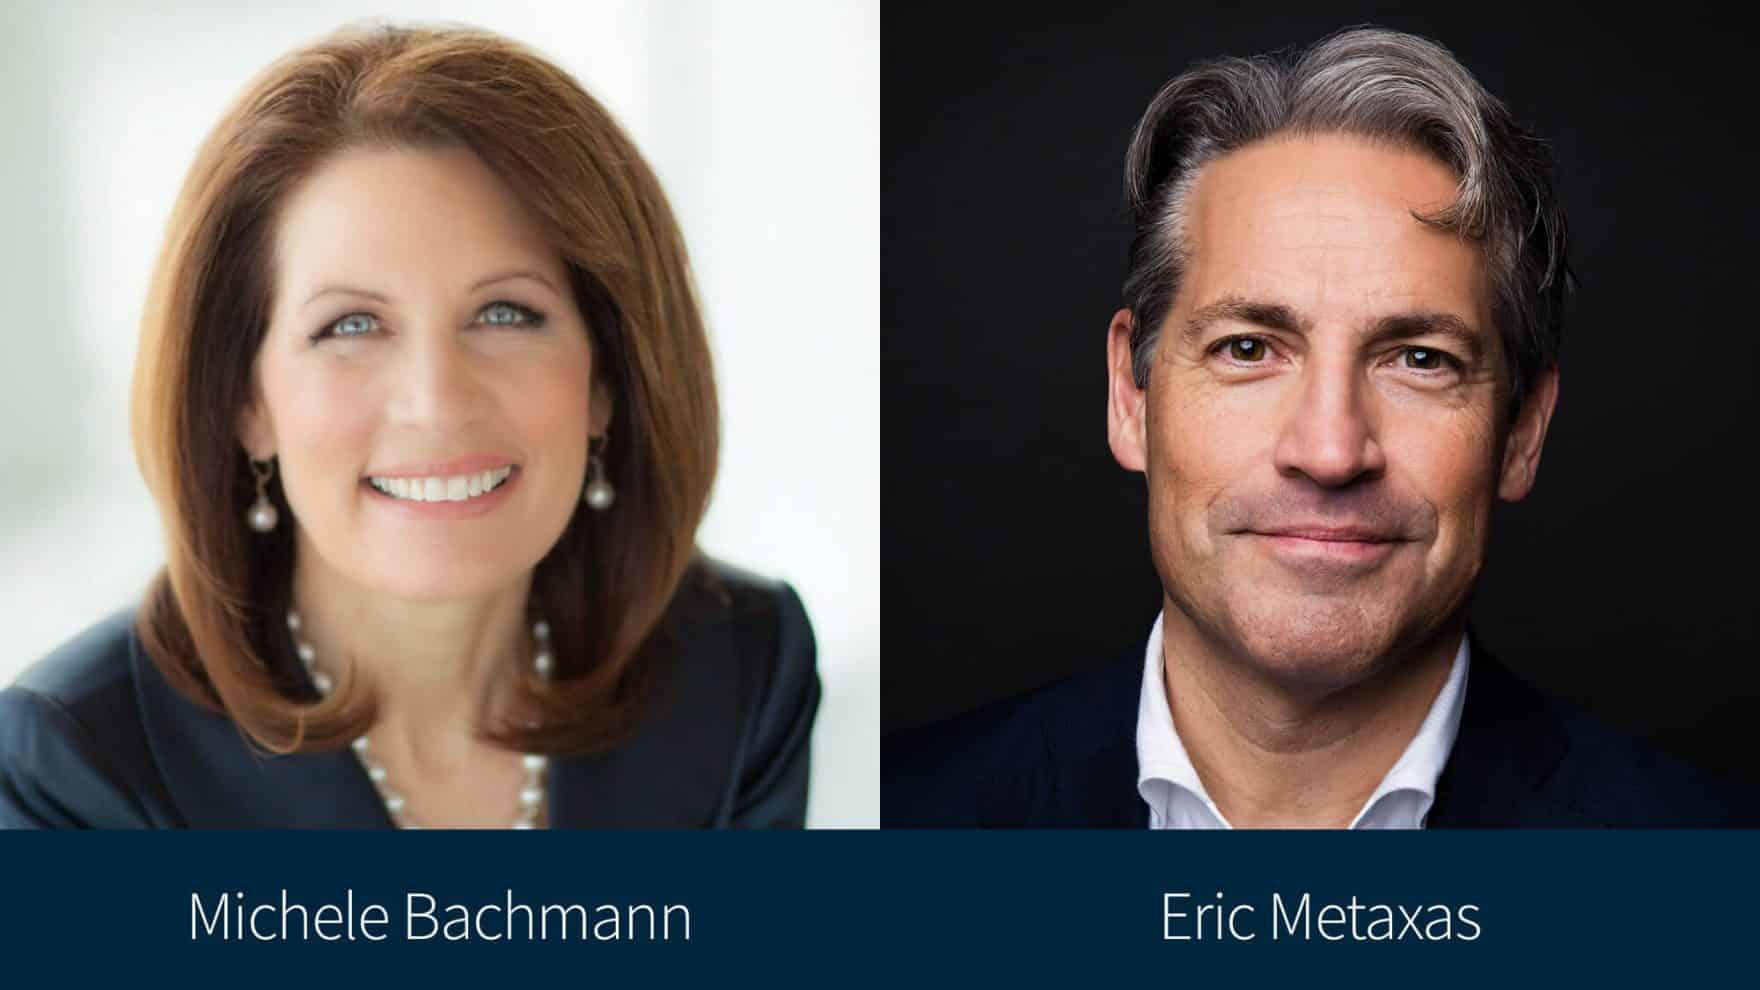 Michele Bachmann and Eric Metaxas.